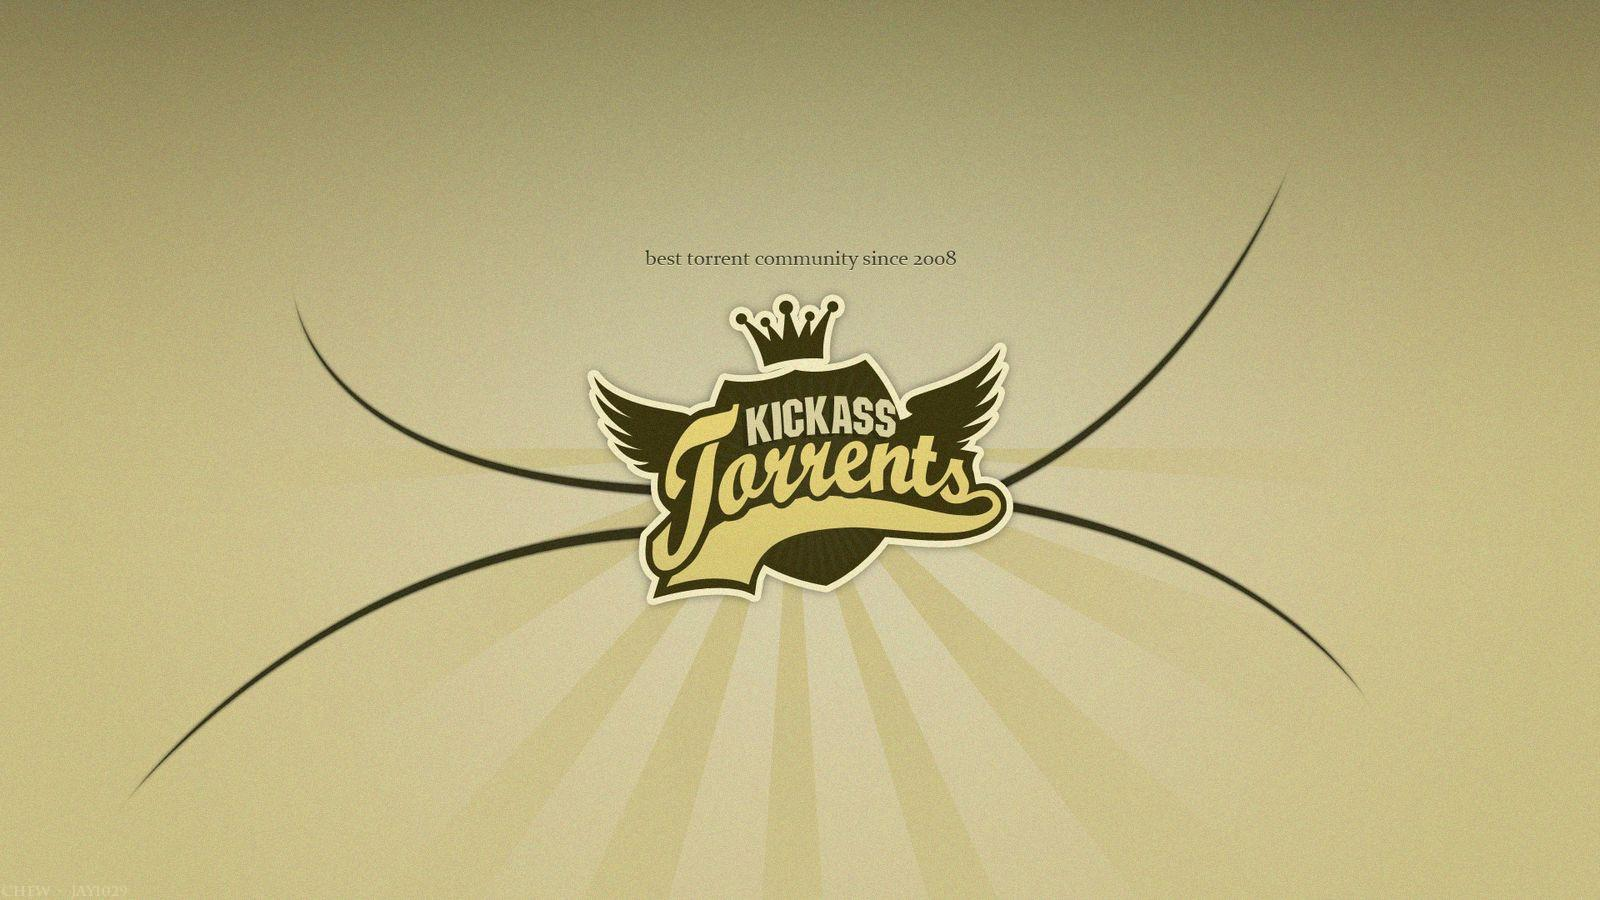 Koniec Kickass Torrents? Twórca aresztowany w – uwaga – Polsce!